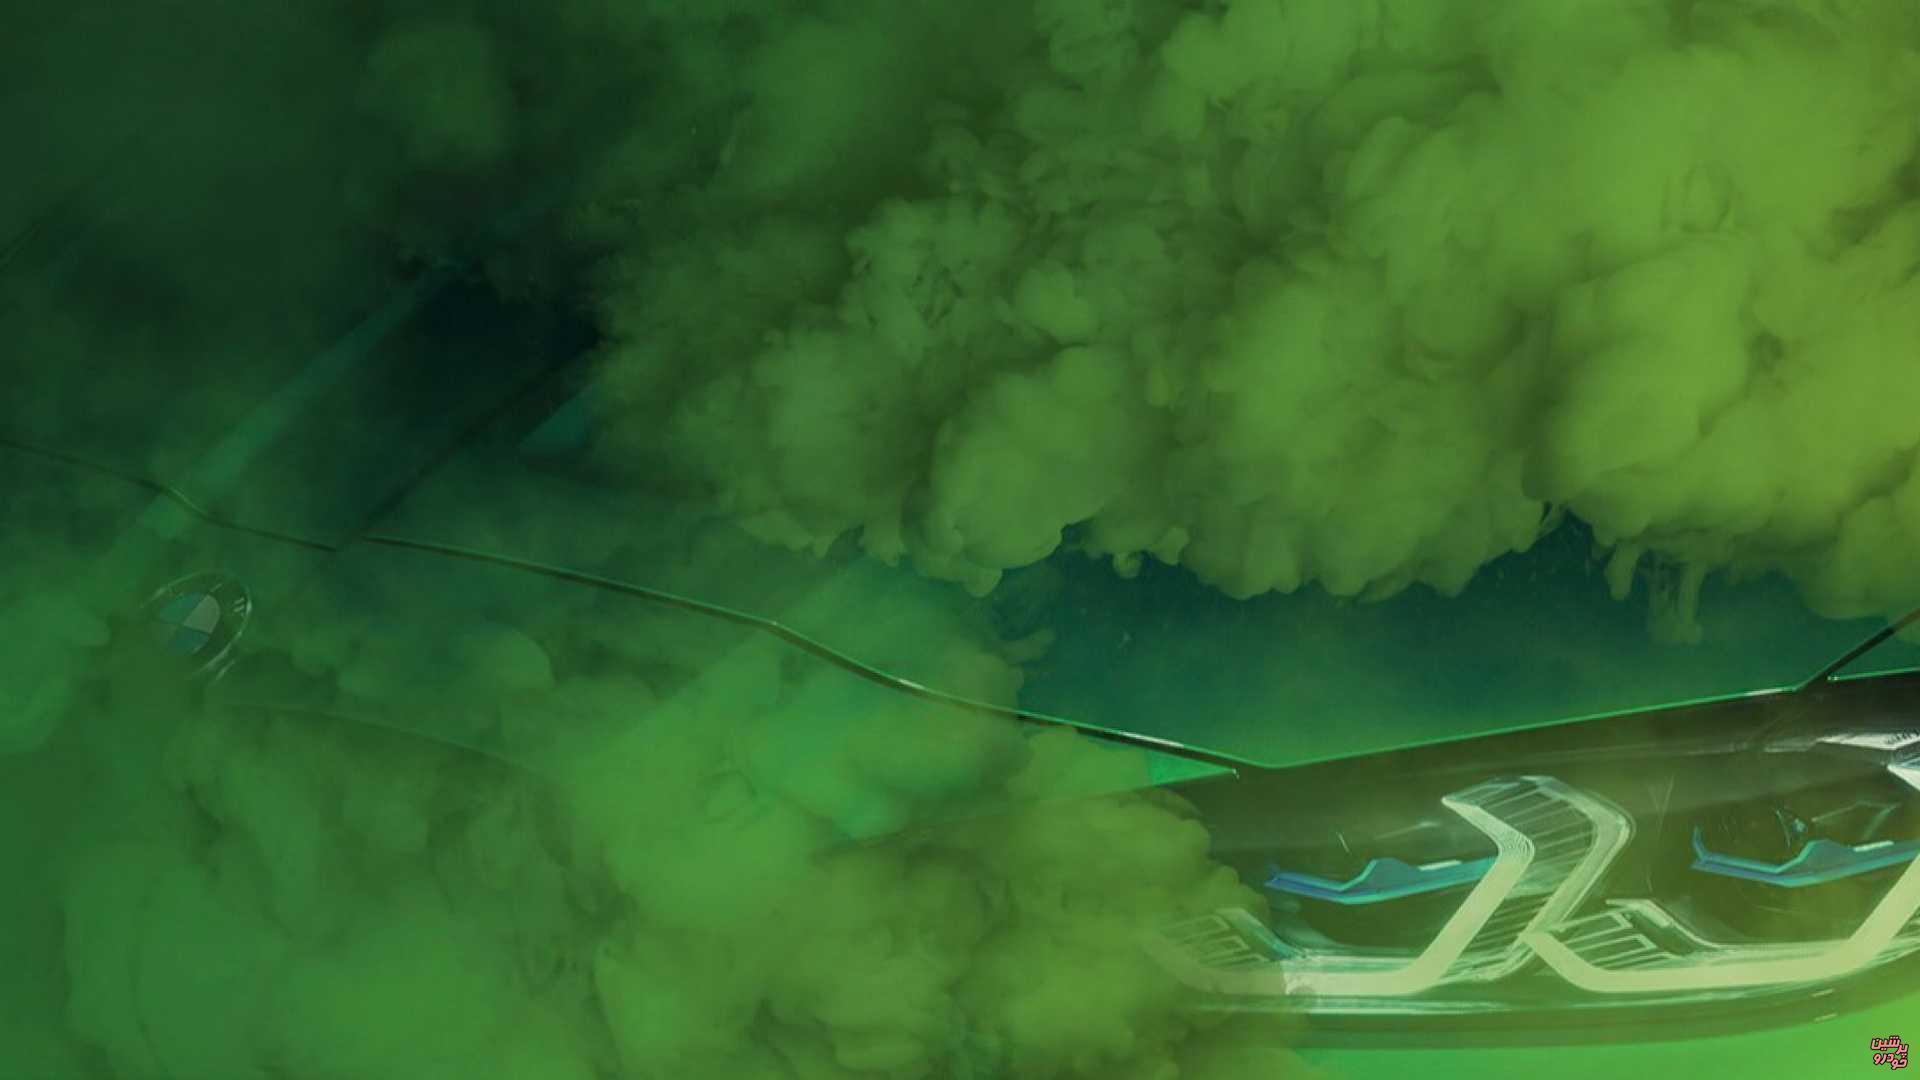 انتشار تصاویری از ب. ام و ام ۳ جدید در هالهای از دود، ۵ روز قبل از رونمایی رسمی!